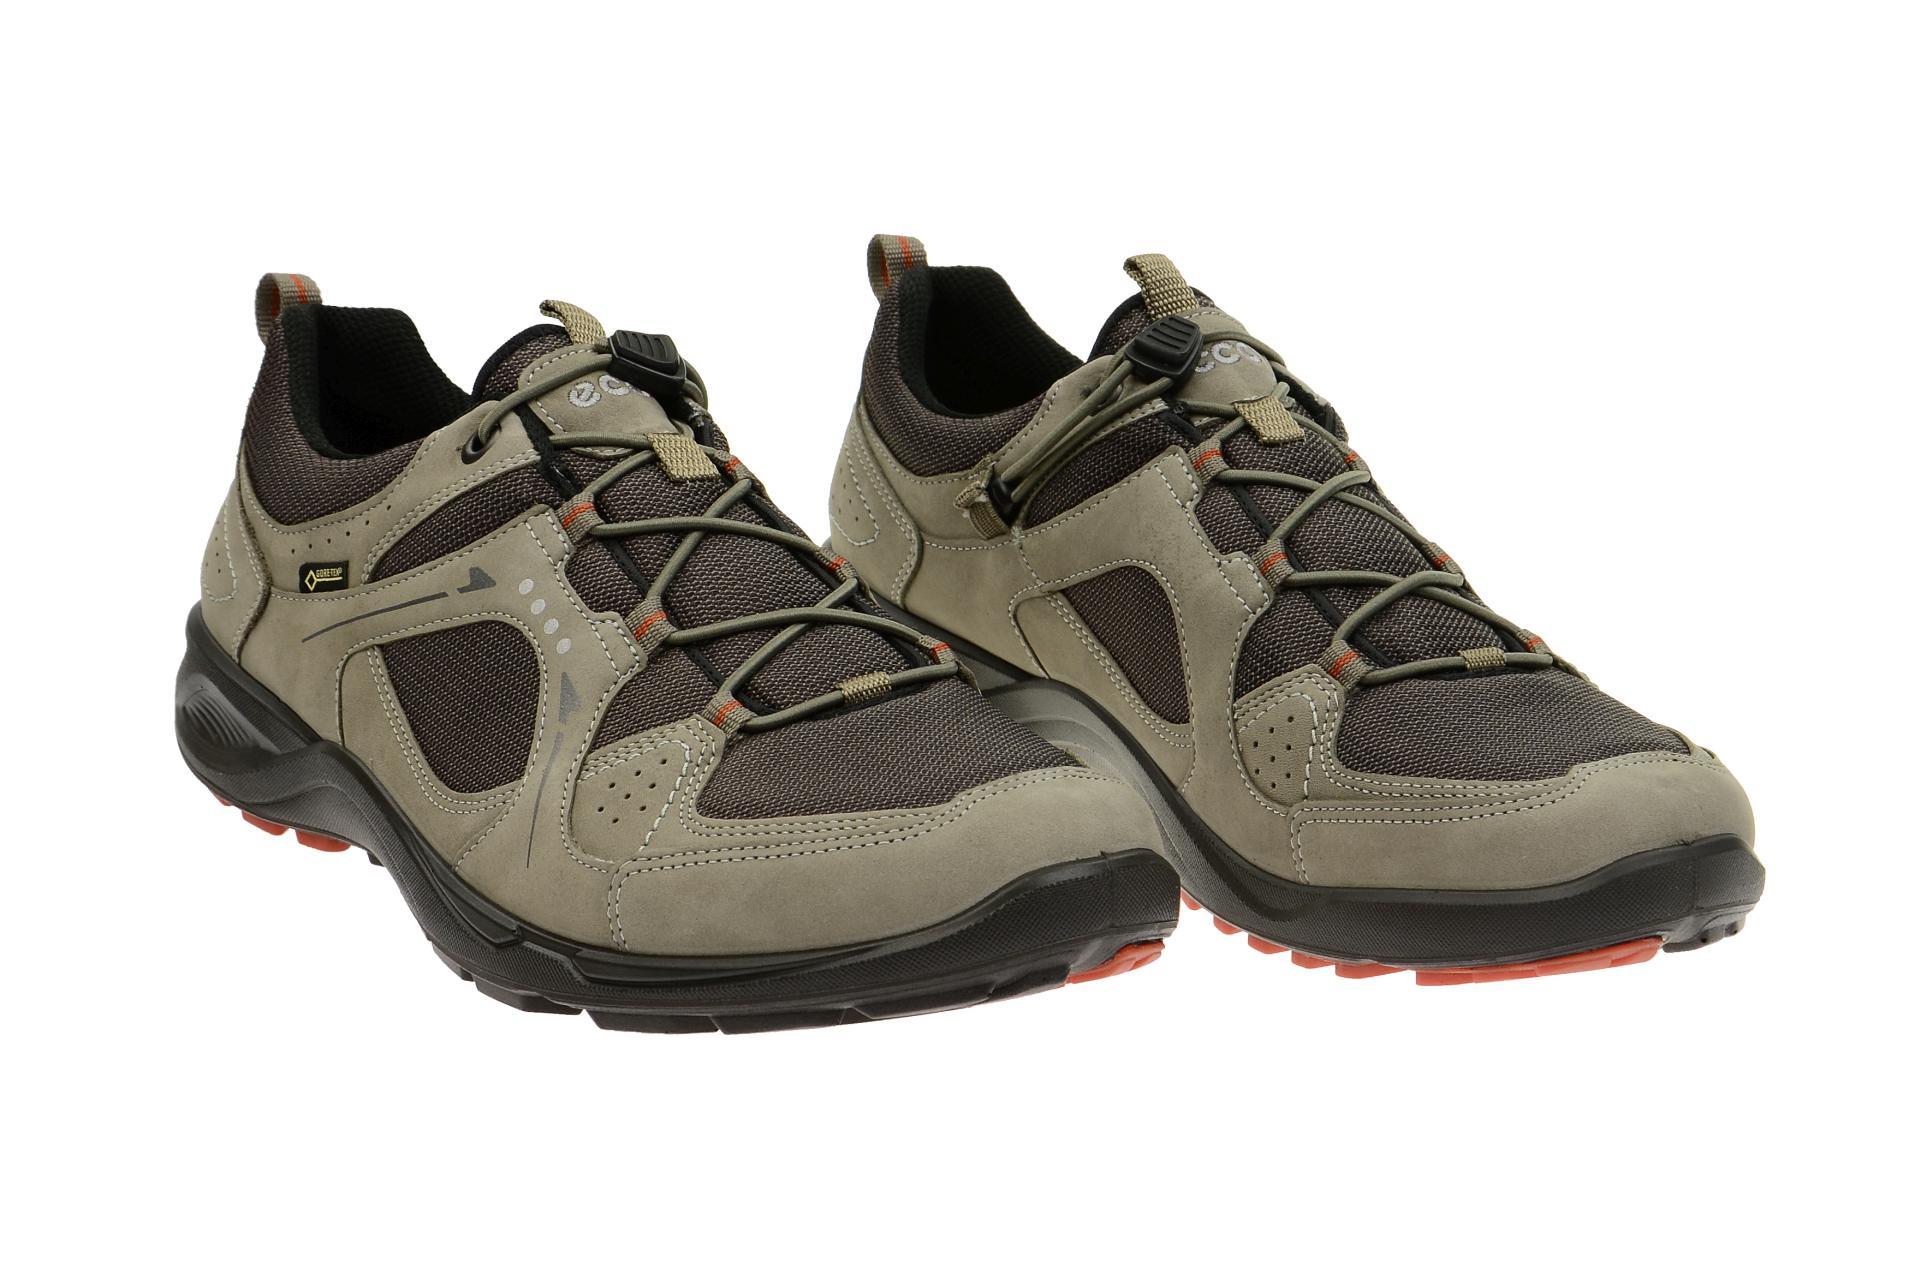 Clarks Schuhe für Herren 3218 Produkte bis zu 47